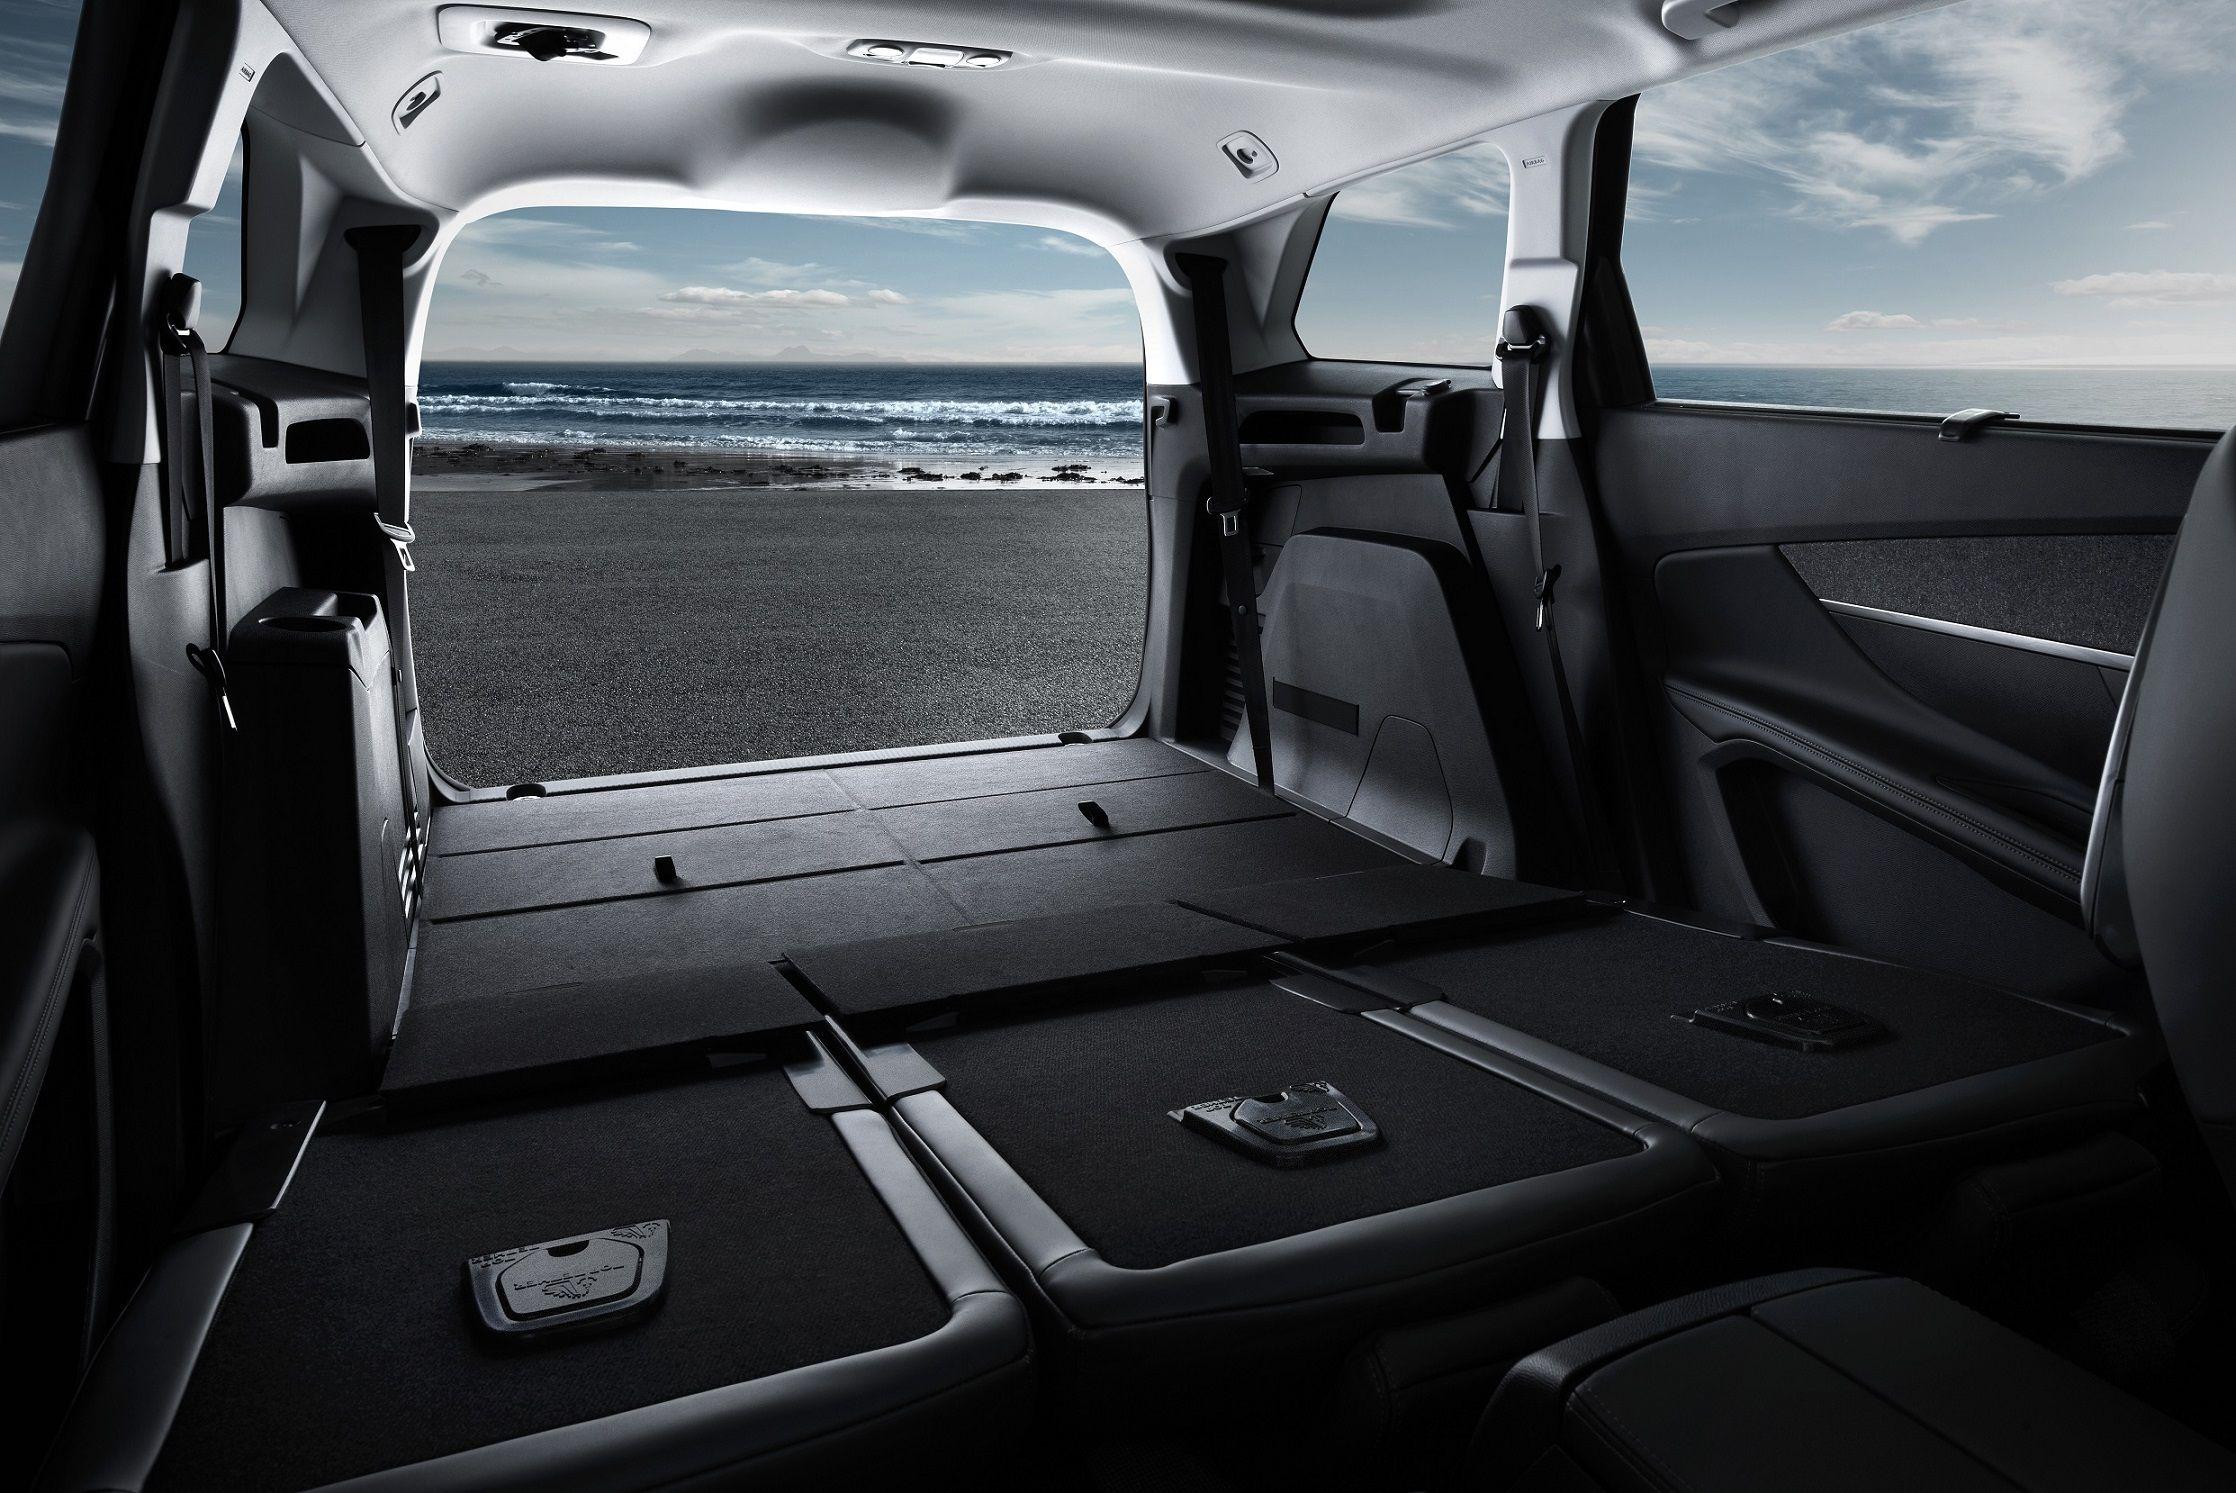 Peugeot 5008: confort, espacio y modularidad - Dispone del mayor maletero de su categoria con 780 litros